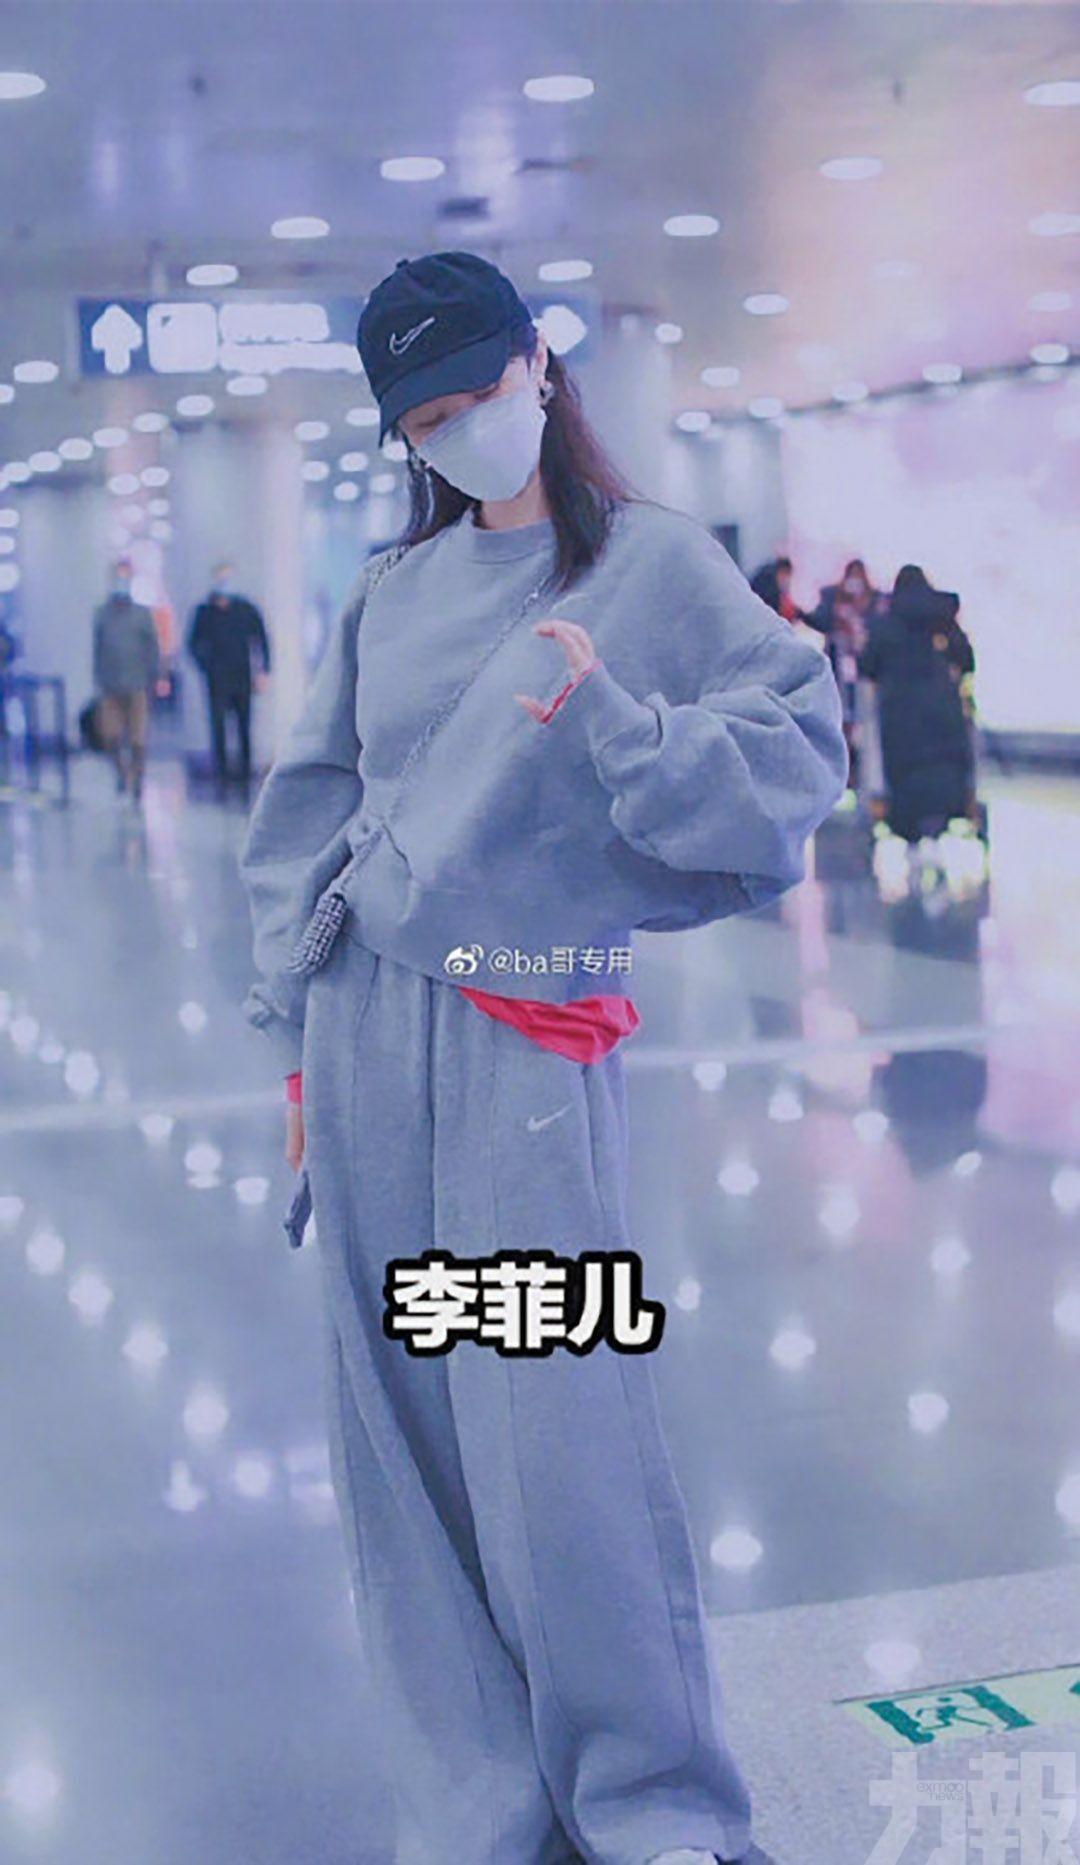 黃曉明退出《乘風姐姐2》證清白